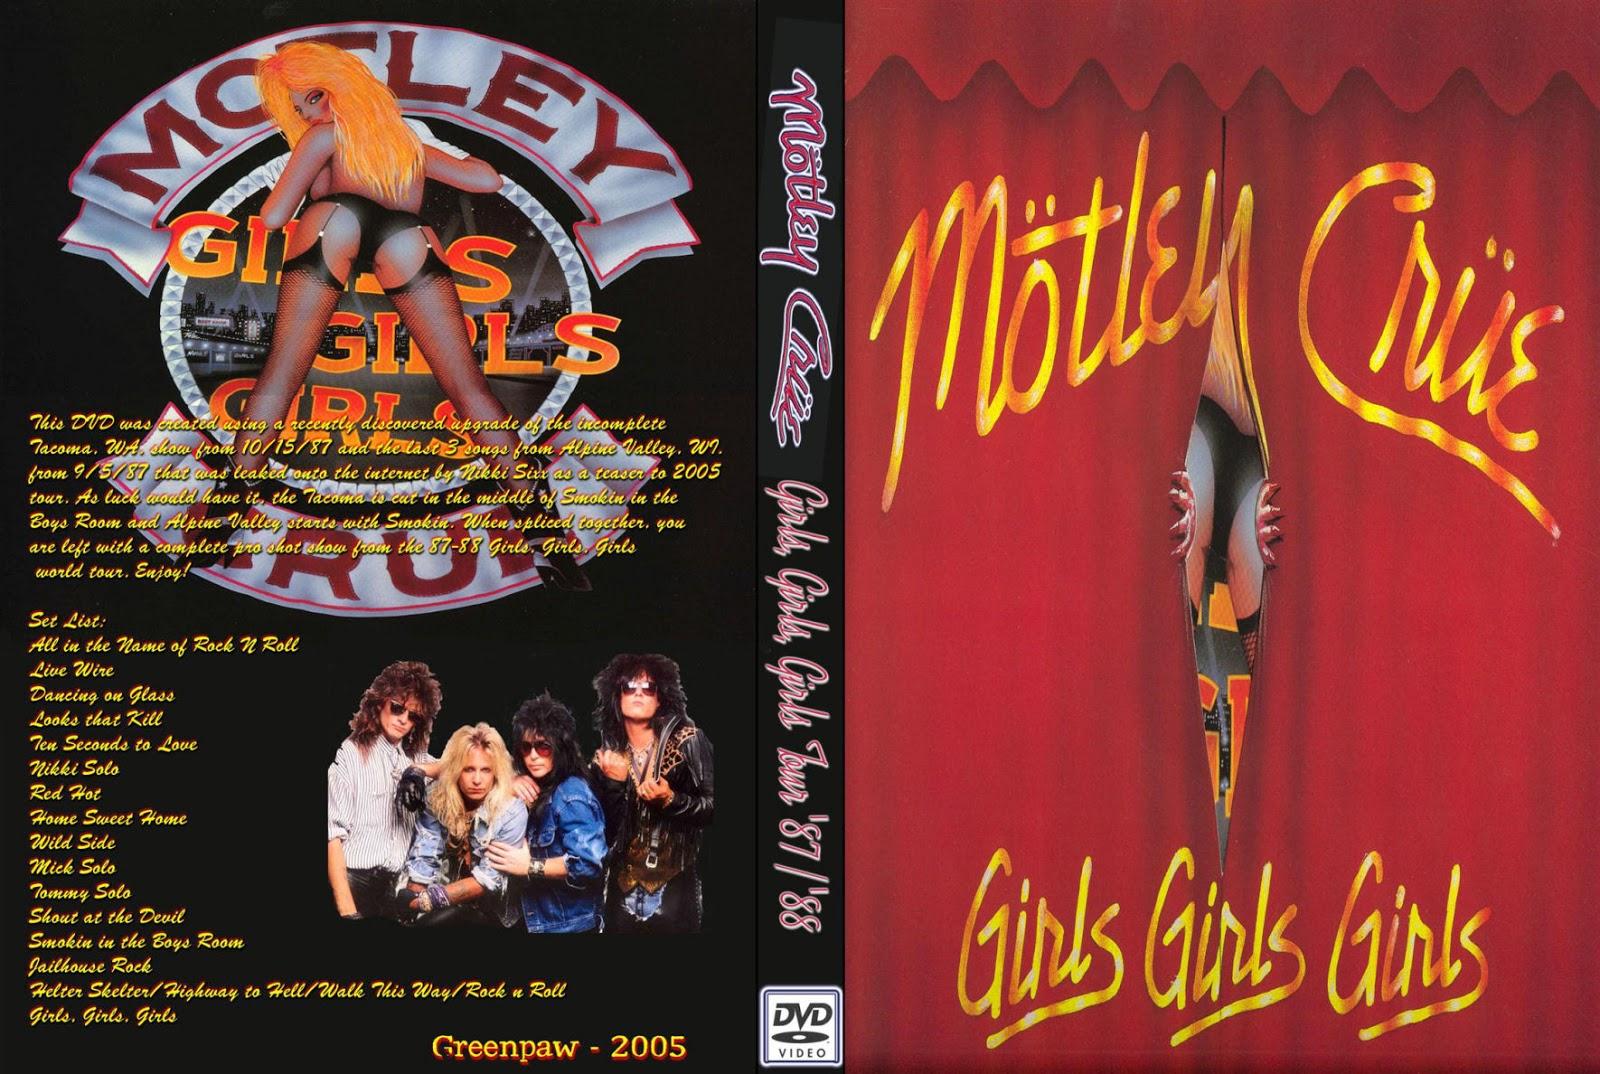 Conciertos desde el sofa de casa - Página 12 Motley-Crue-1987-10-15-Tacoma-WA-DVDfull-pro-shot